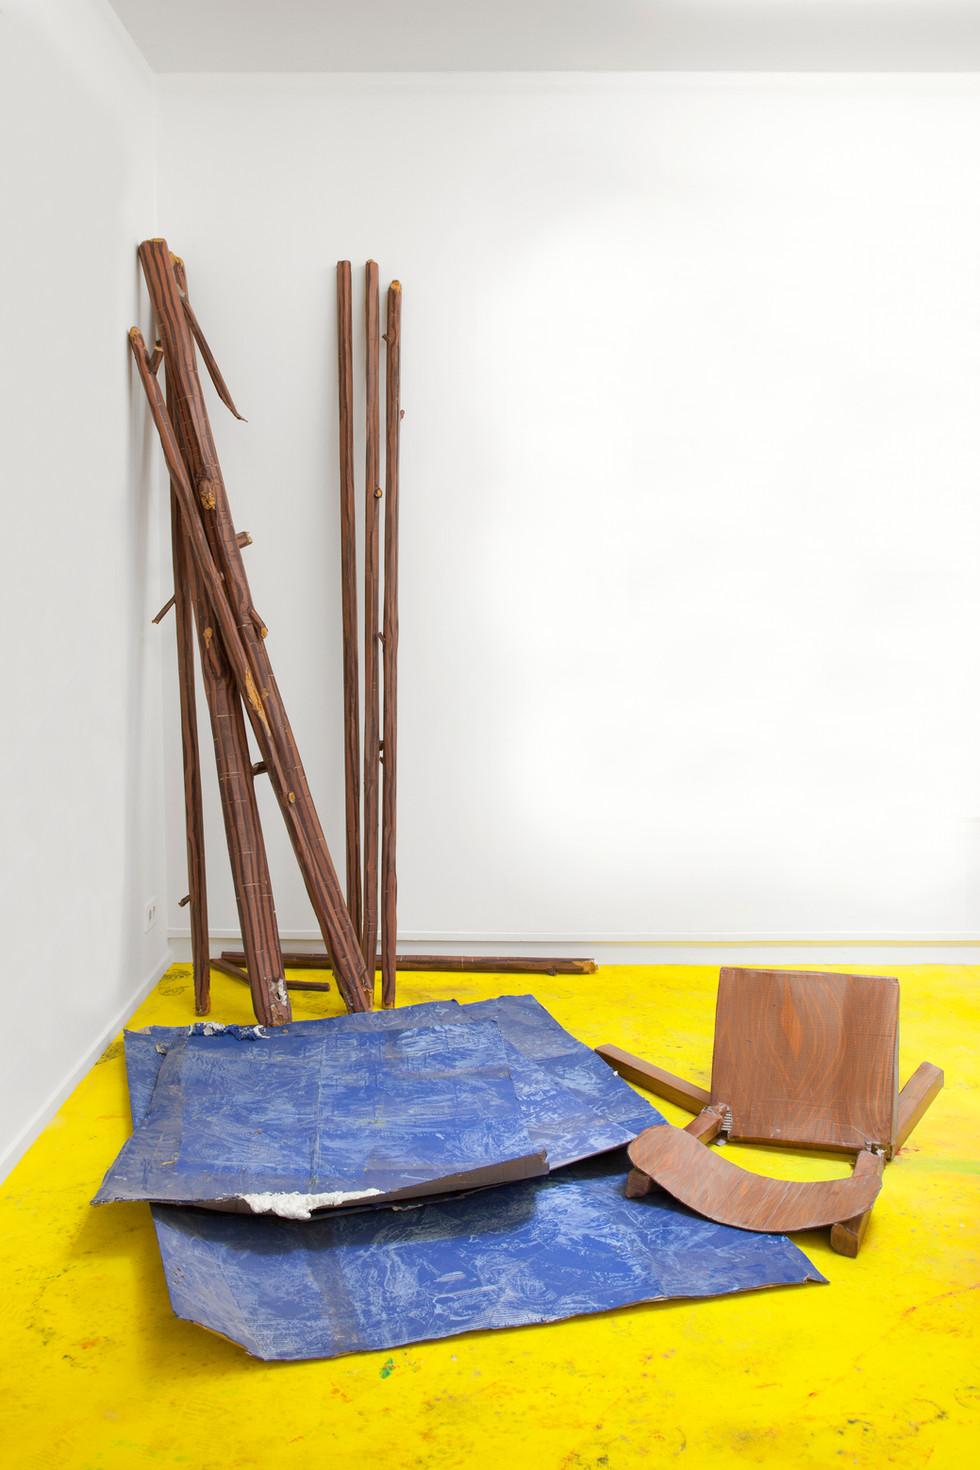 RINUS VAN DE VELDE,  Prop, Raft, Wooden Sticks, Sheets of Water & Broken Chair, 2017